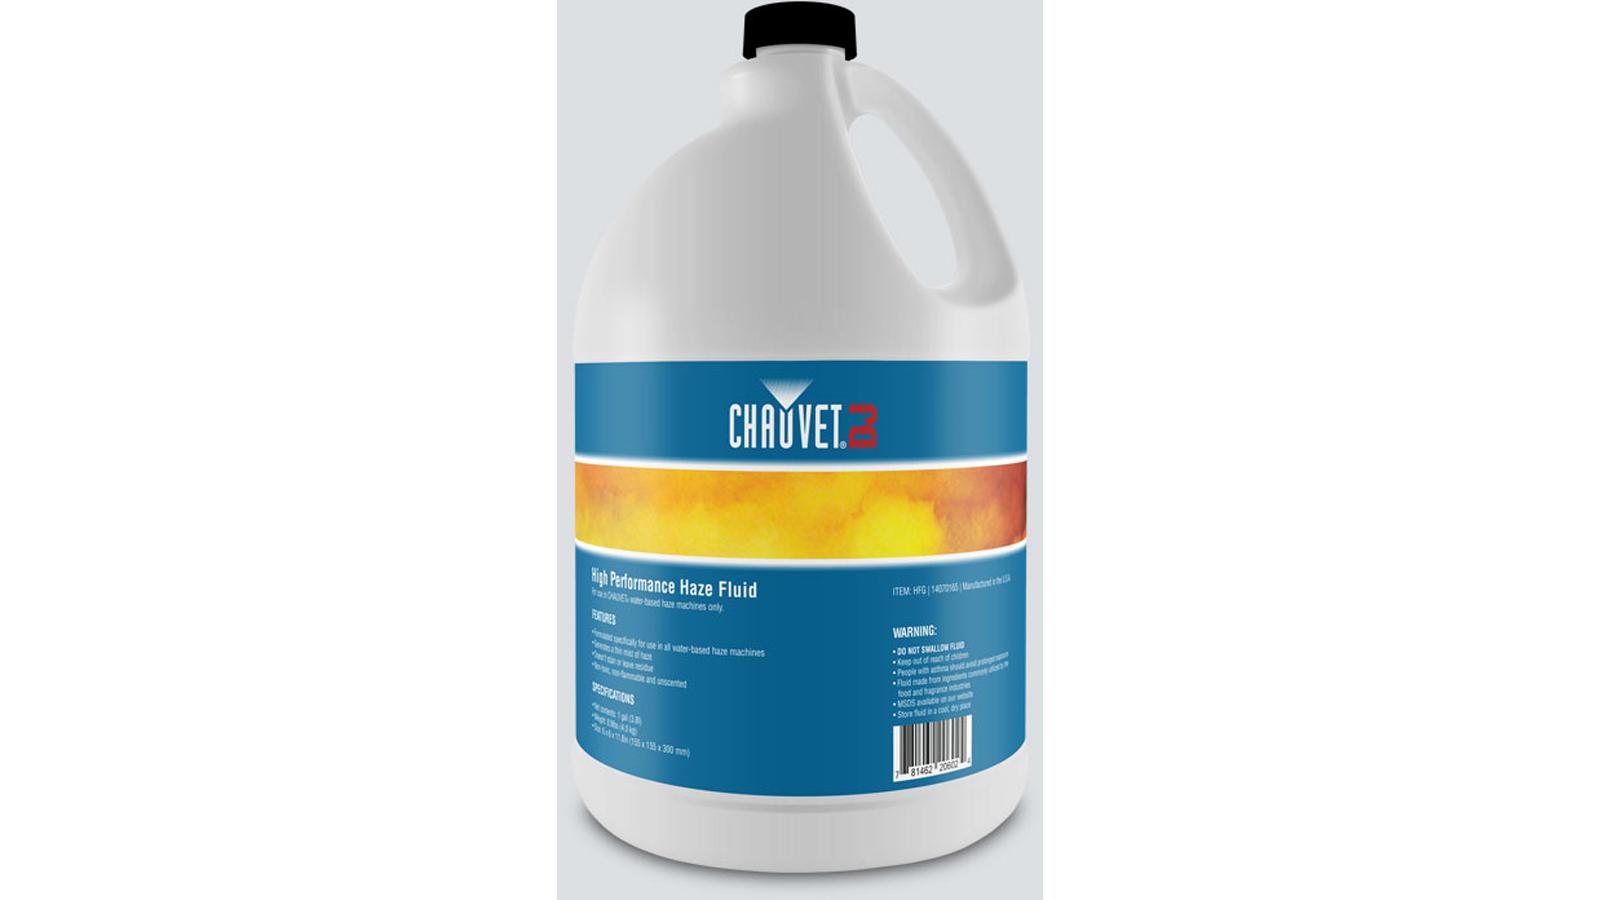 Chauvet Hazefluid - High Performance Haze Fluid (HFG)